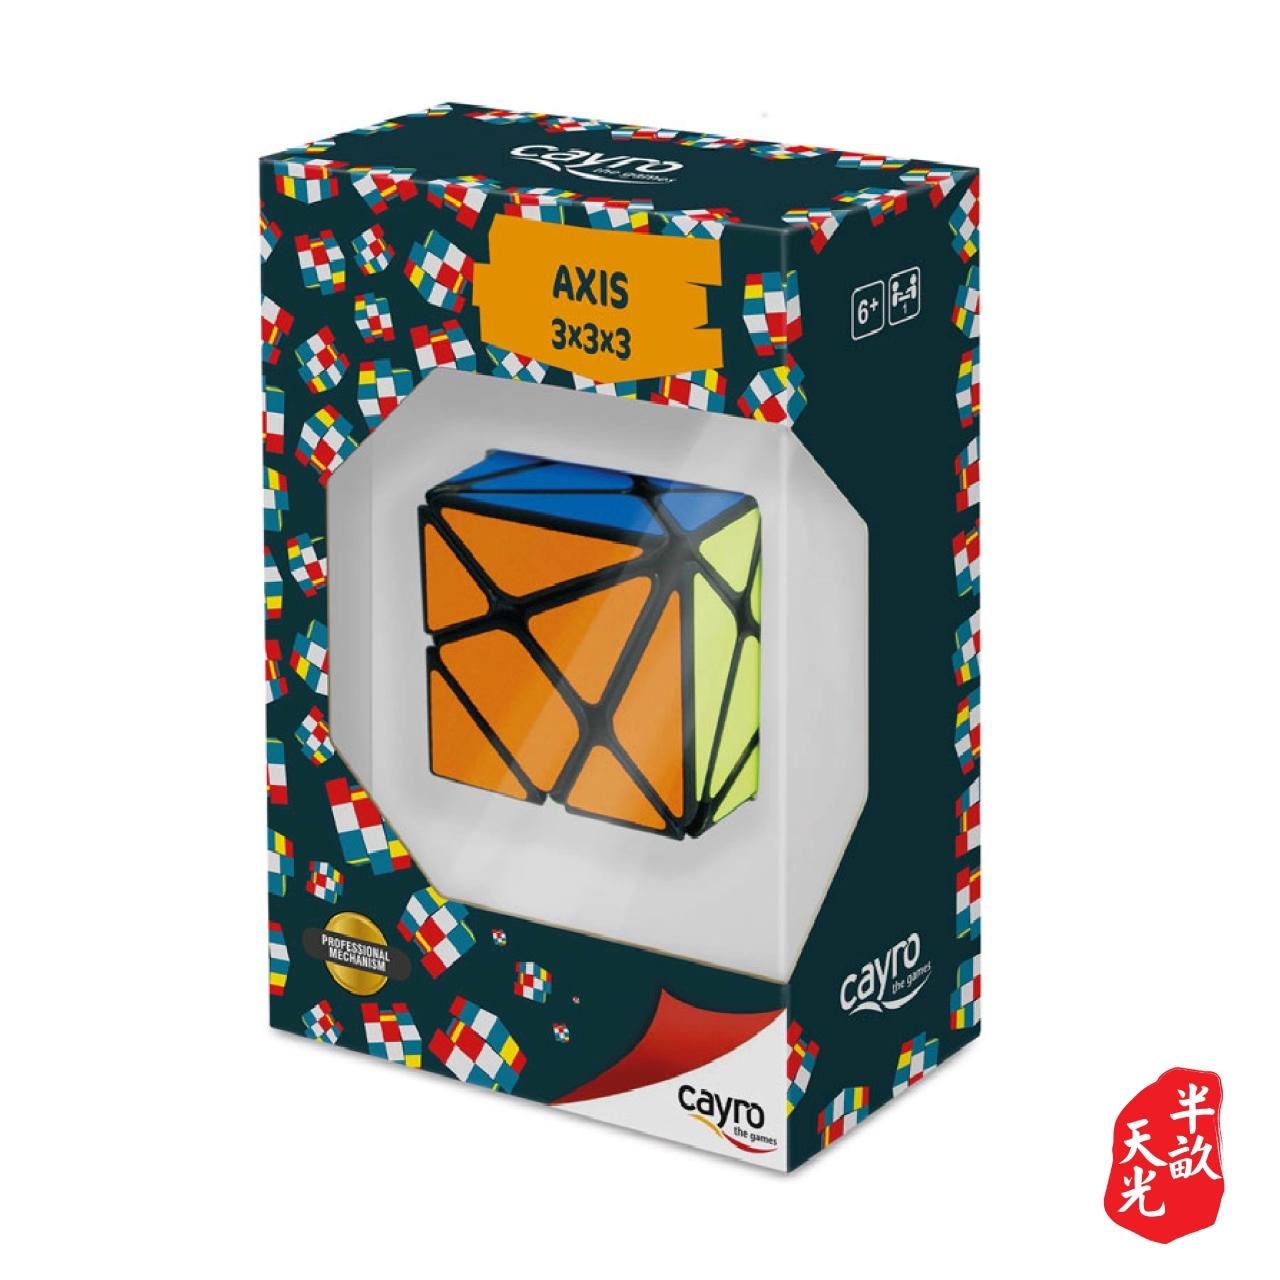 儿童桌游/儿童游戏/魔术方块: 3x3 Axis Cube